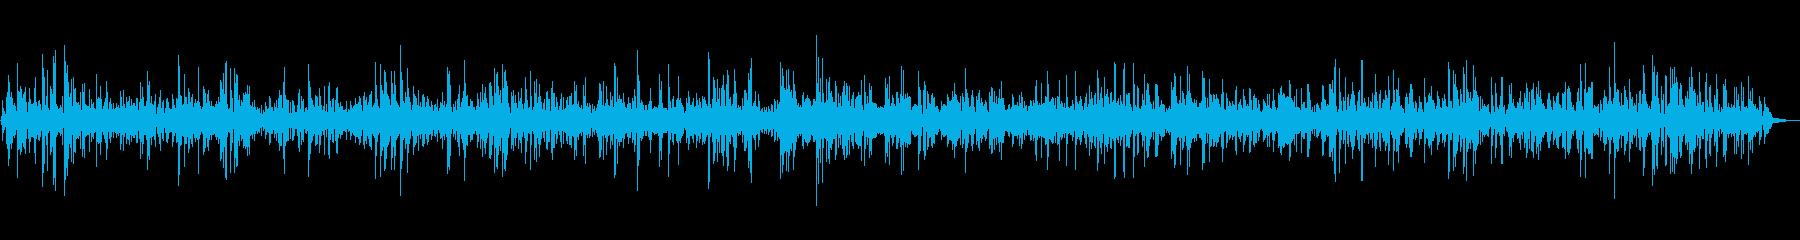 上品で大人の色気漂うジャズBGMの再生済みの波形